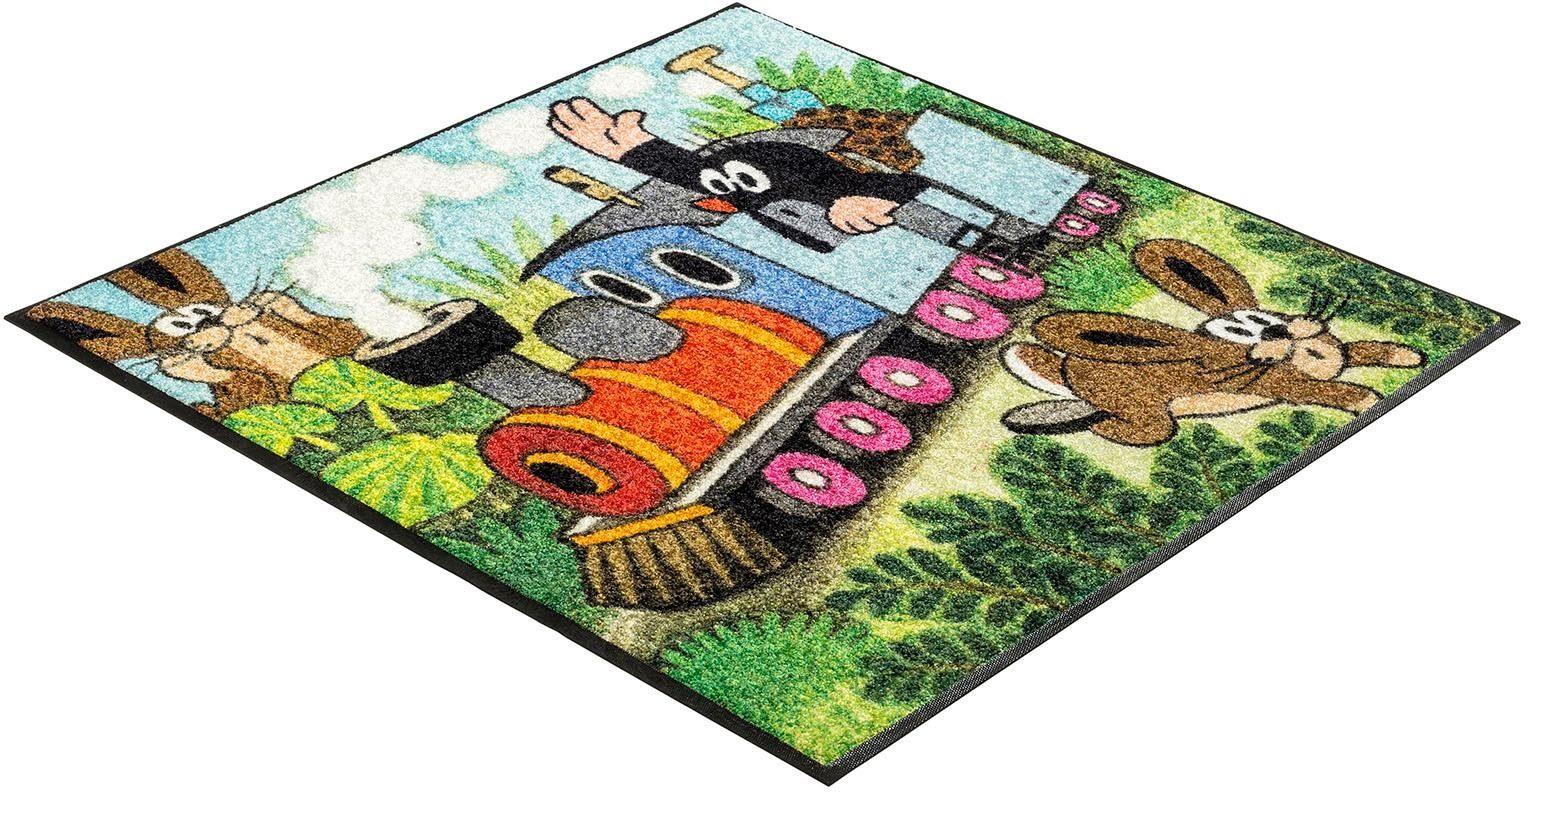 Kinderteppich »Maulwurf Zug«, wash+dry by Kleen-Tex, quadratisch, Höhe 7 mm